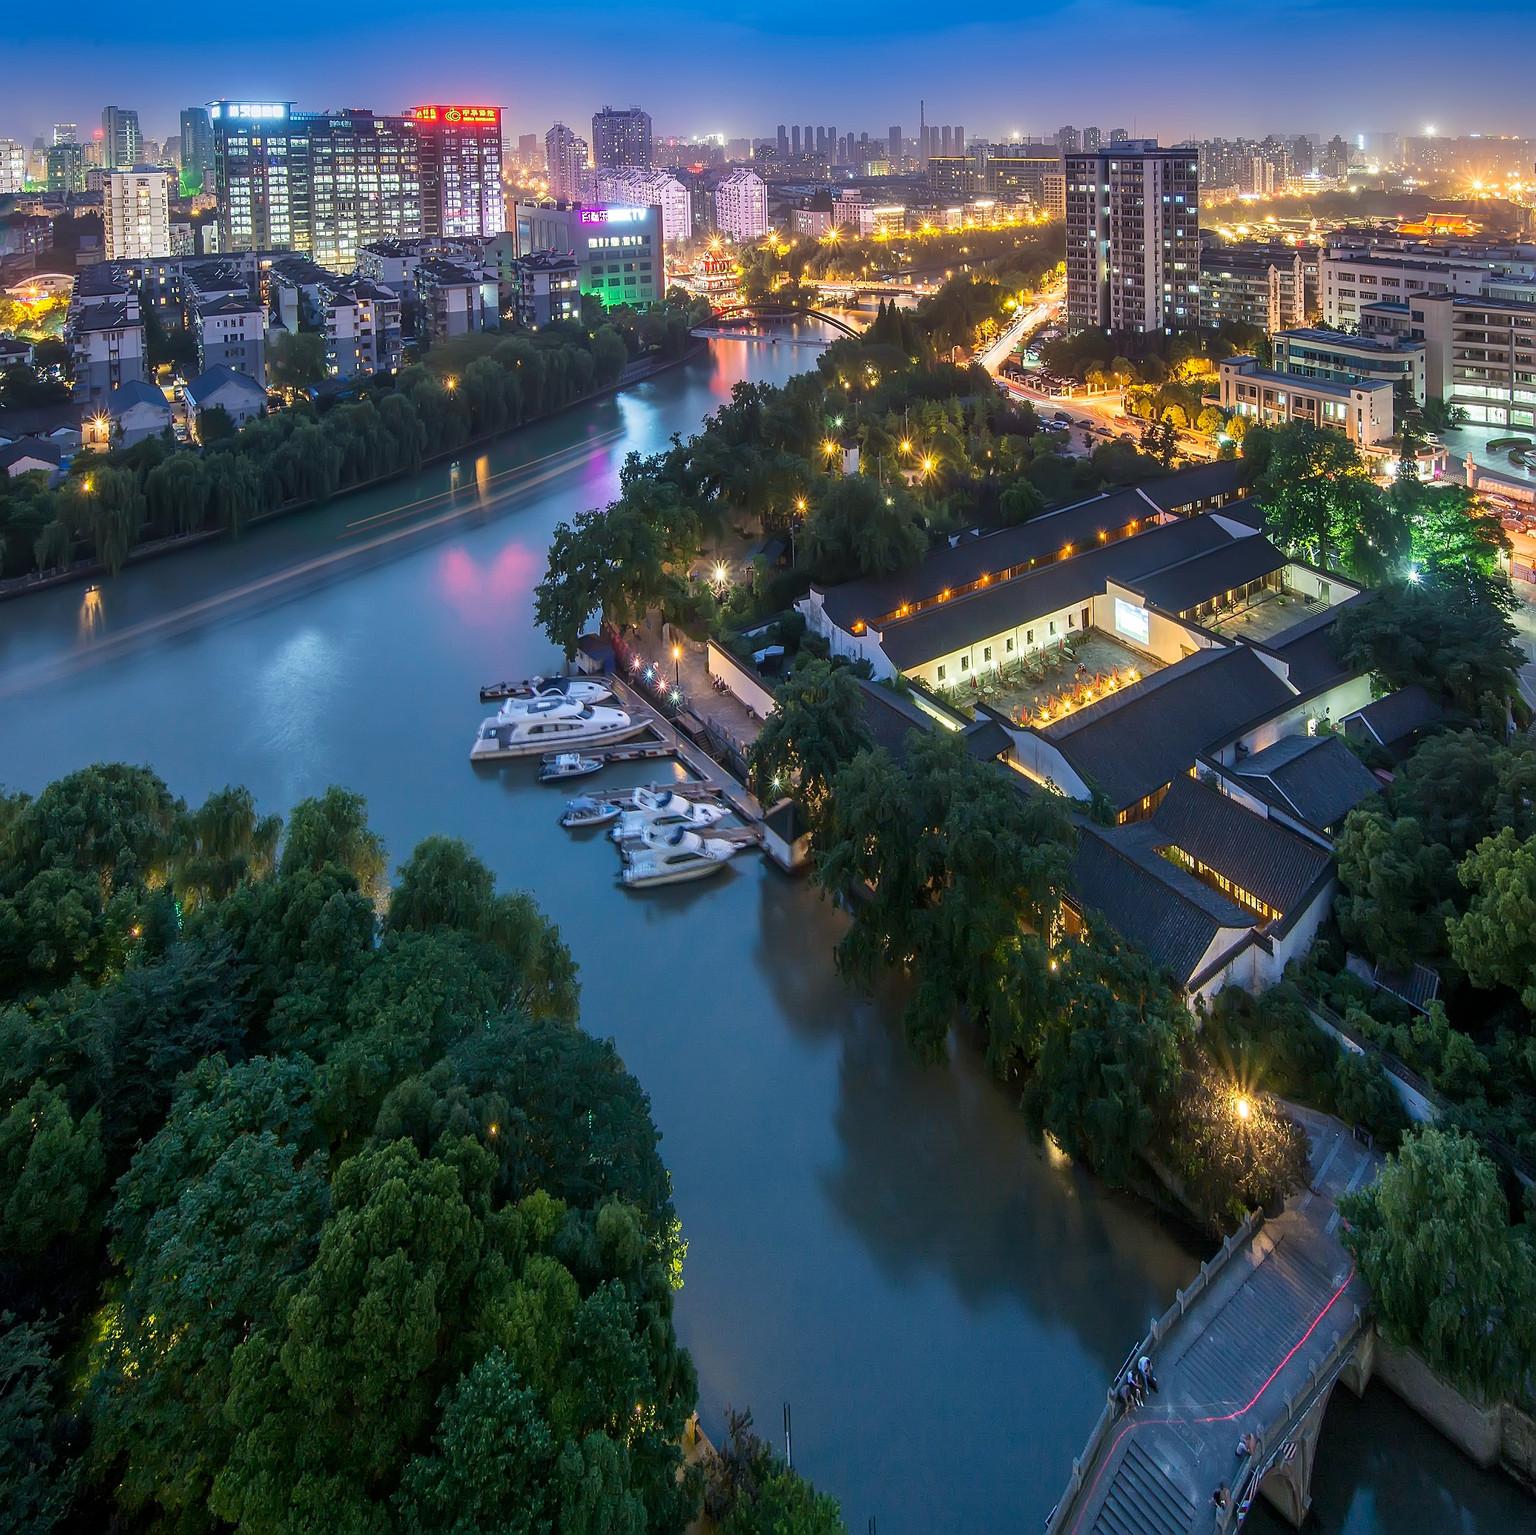 京杭大运河,一首吟诵千年的民俗文化之诗